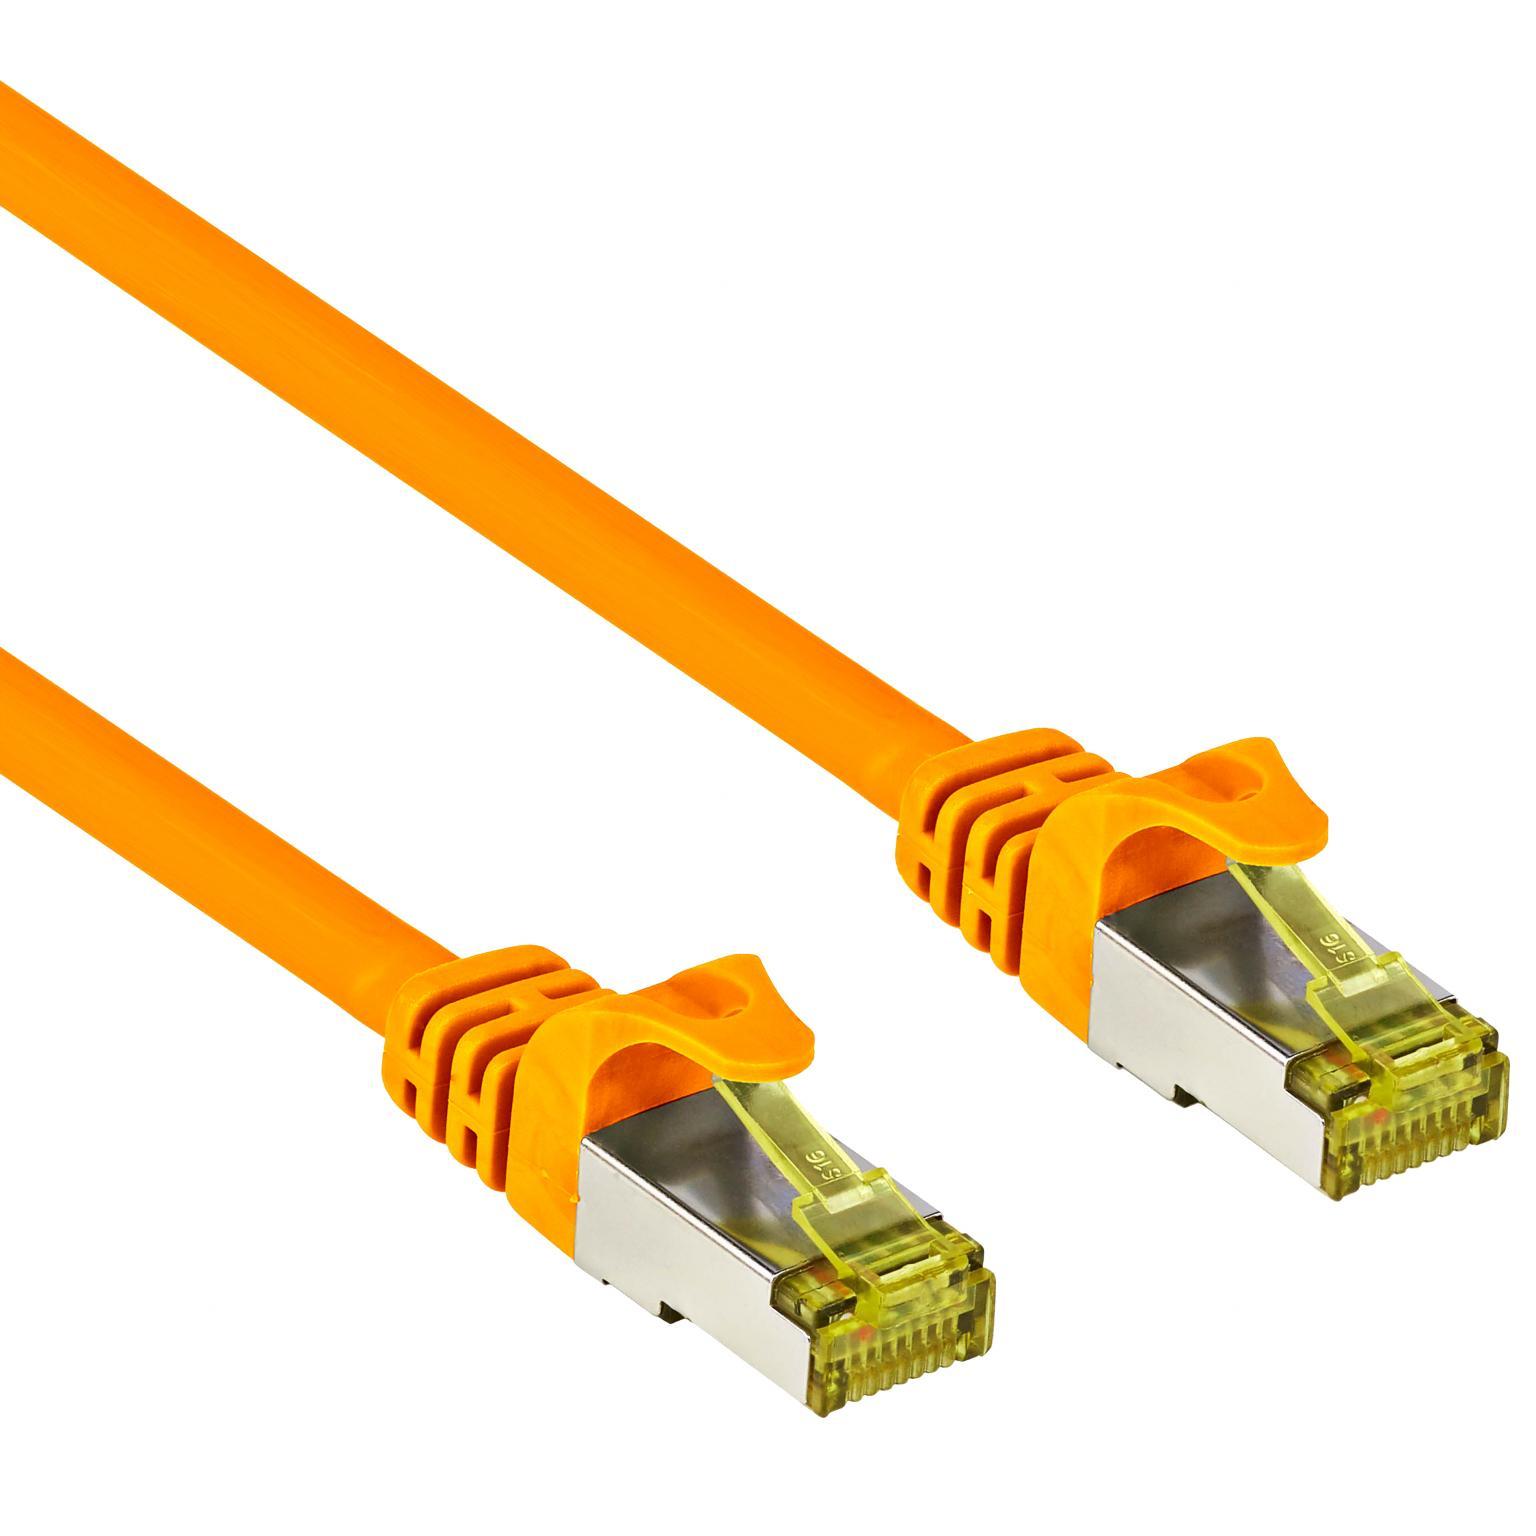 Image of Goobay RJ45 Netwerk Aansluitkabel CAT 7 S/FTP 20 m Oranje Snagless, Vergulde steekcontacten